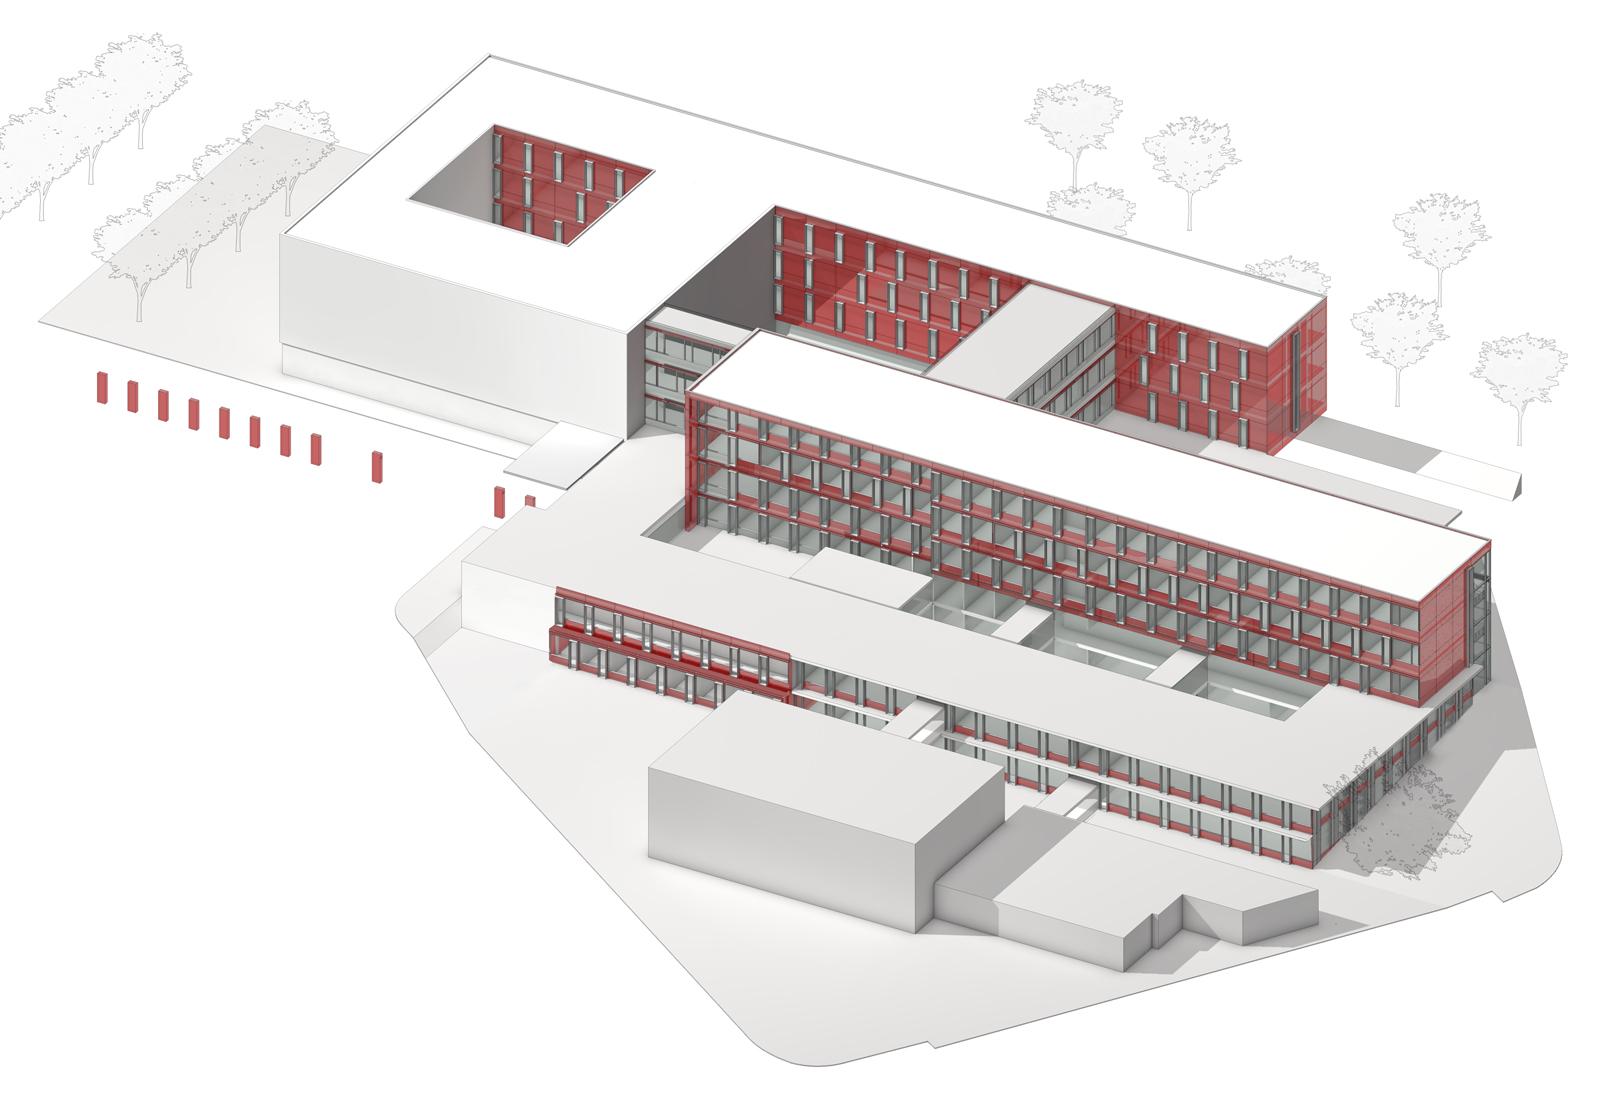 Der dreigeschossige Neubau wurde an der Rückseite des Krankenhauses in kompakter Bauweise realisiert. Visualisierung: ATP